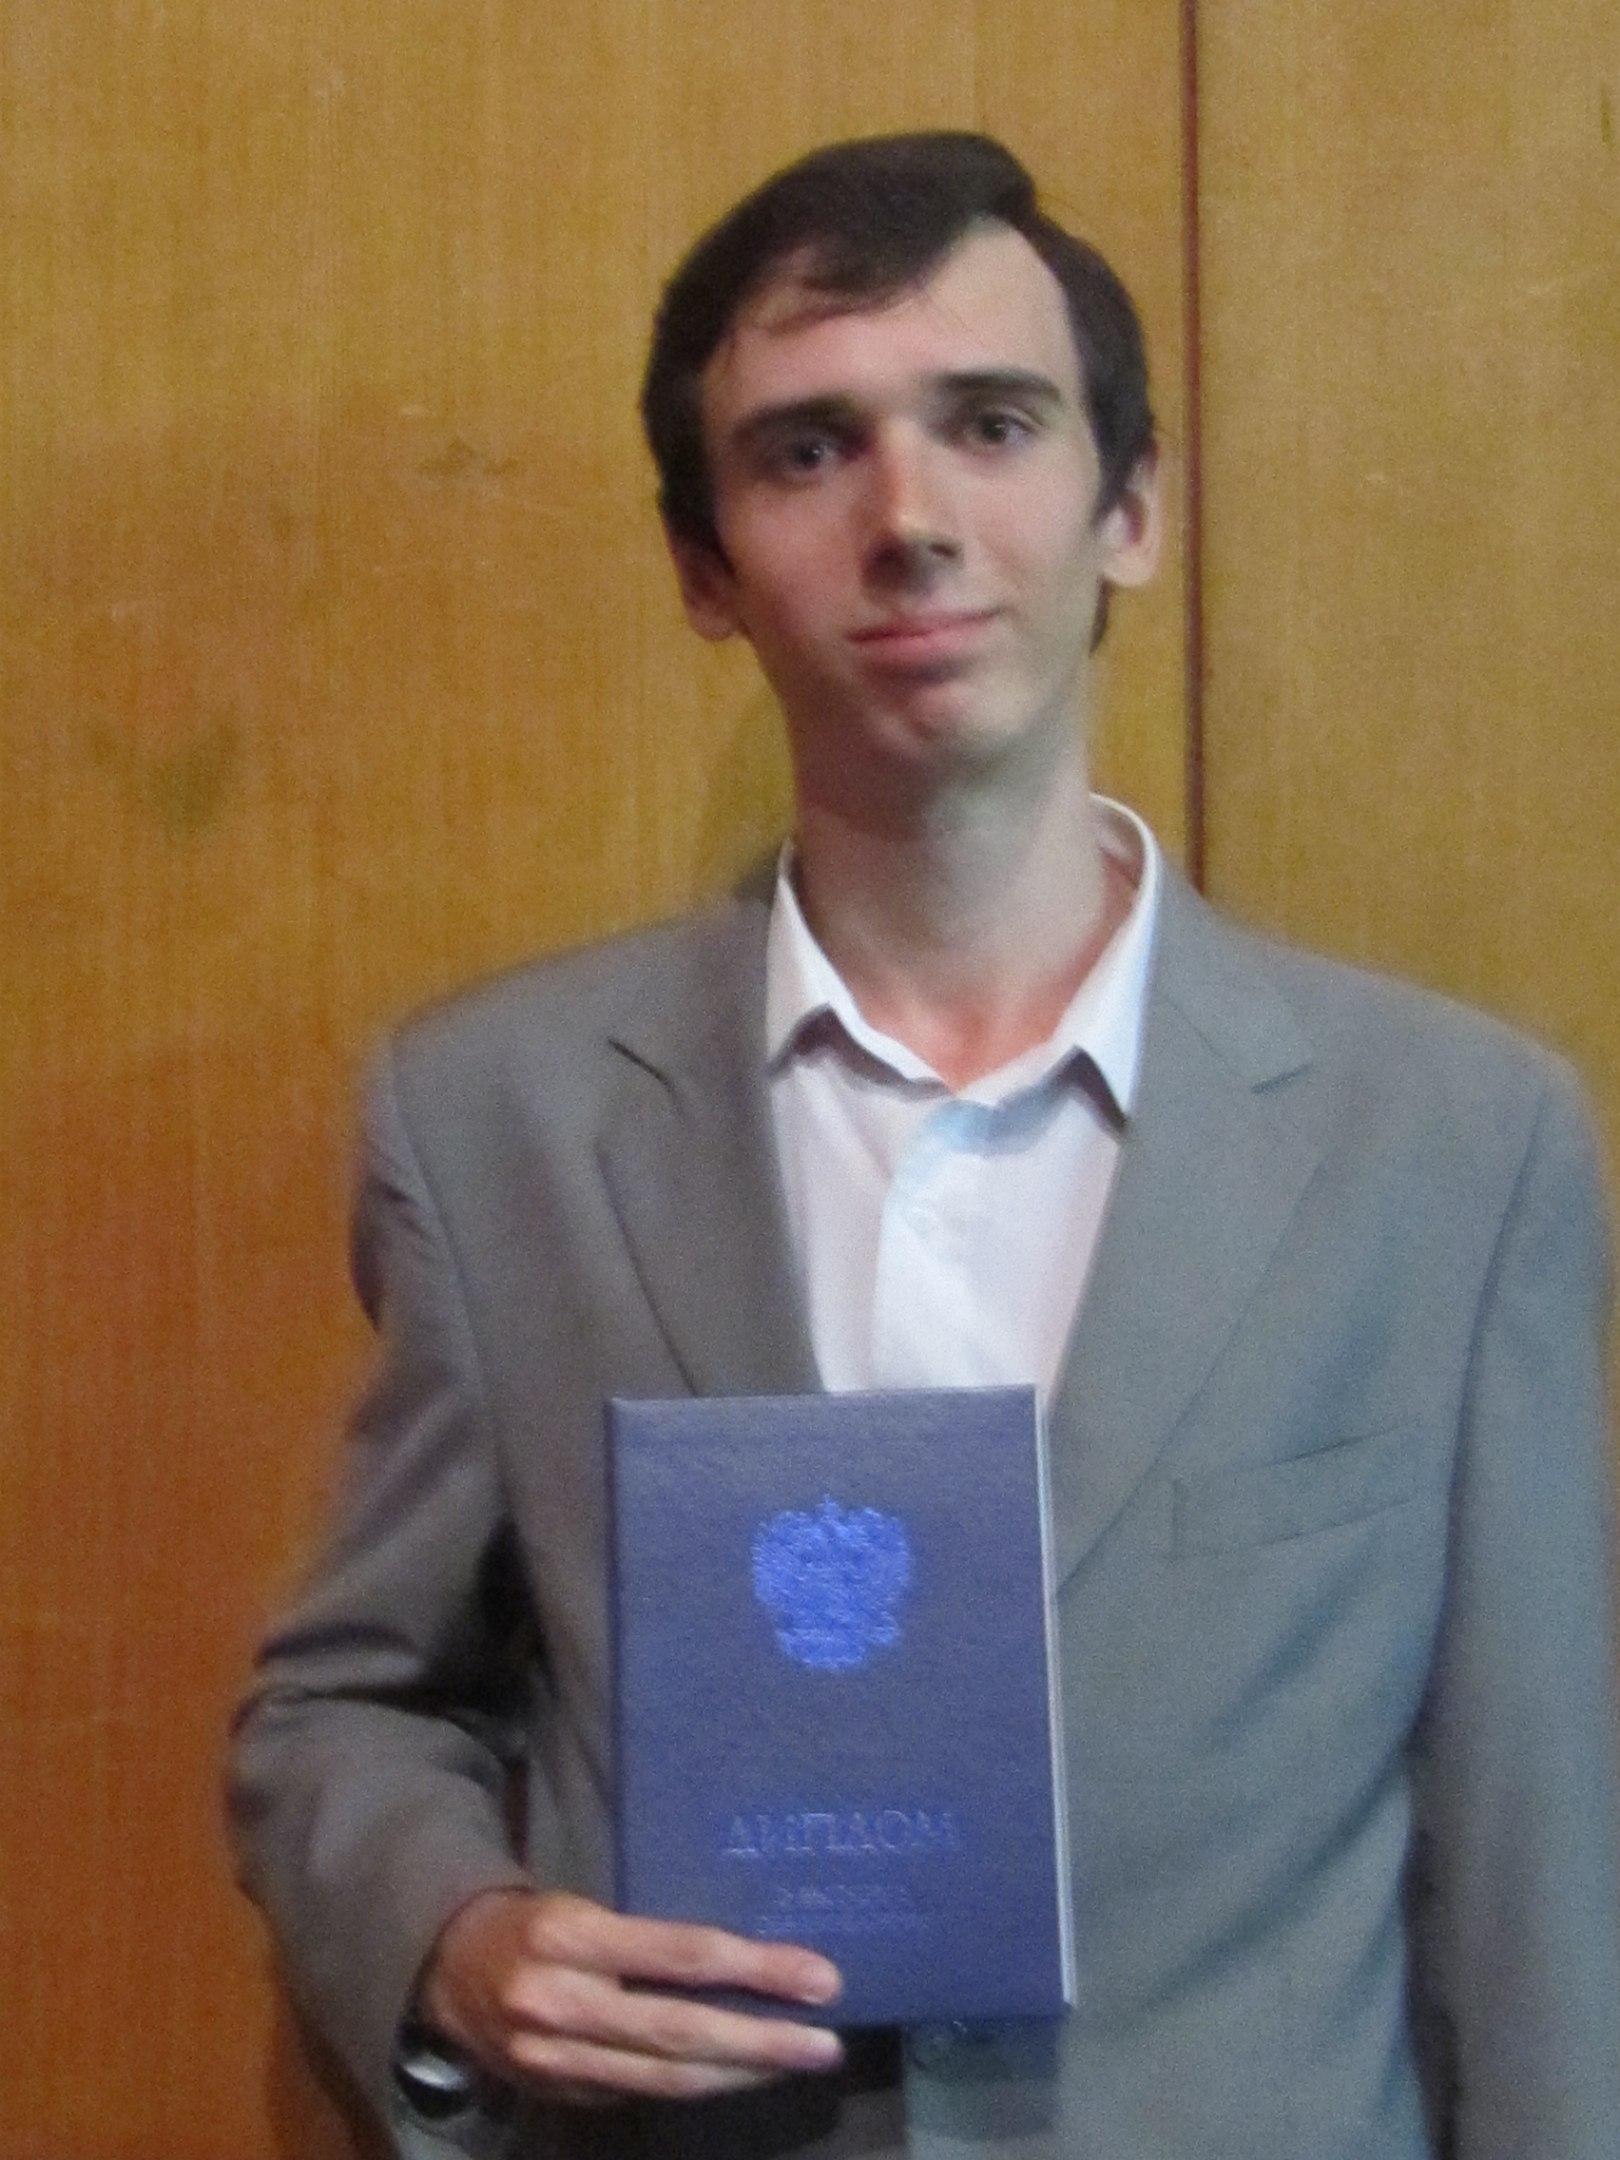 Месяц без социальных сетей смелый эксперимент над самим собой  Небольшой бонус 21 июля нам наконец то выдали дипломы вот фотка моего счастливого лица 🙂